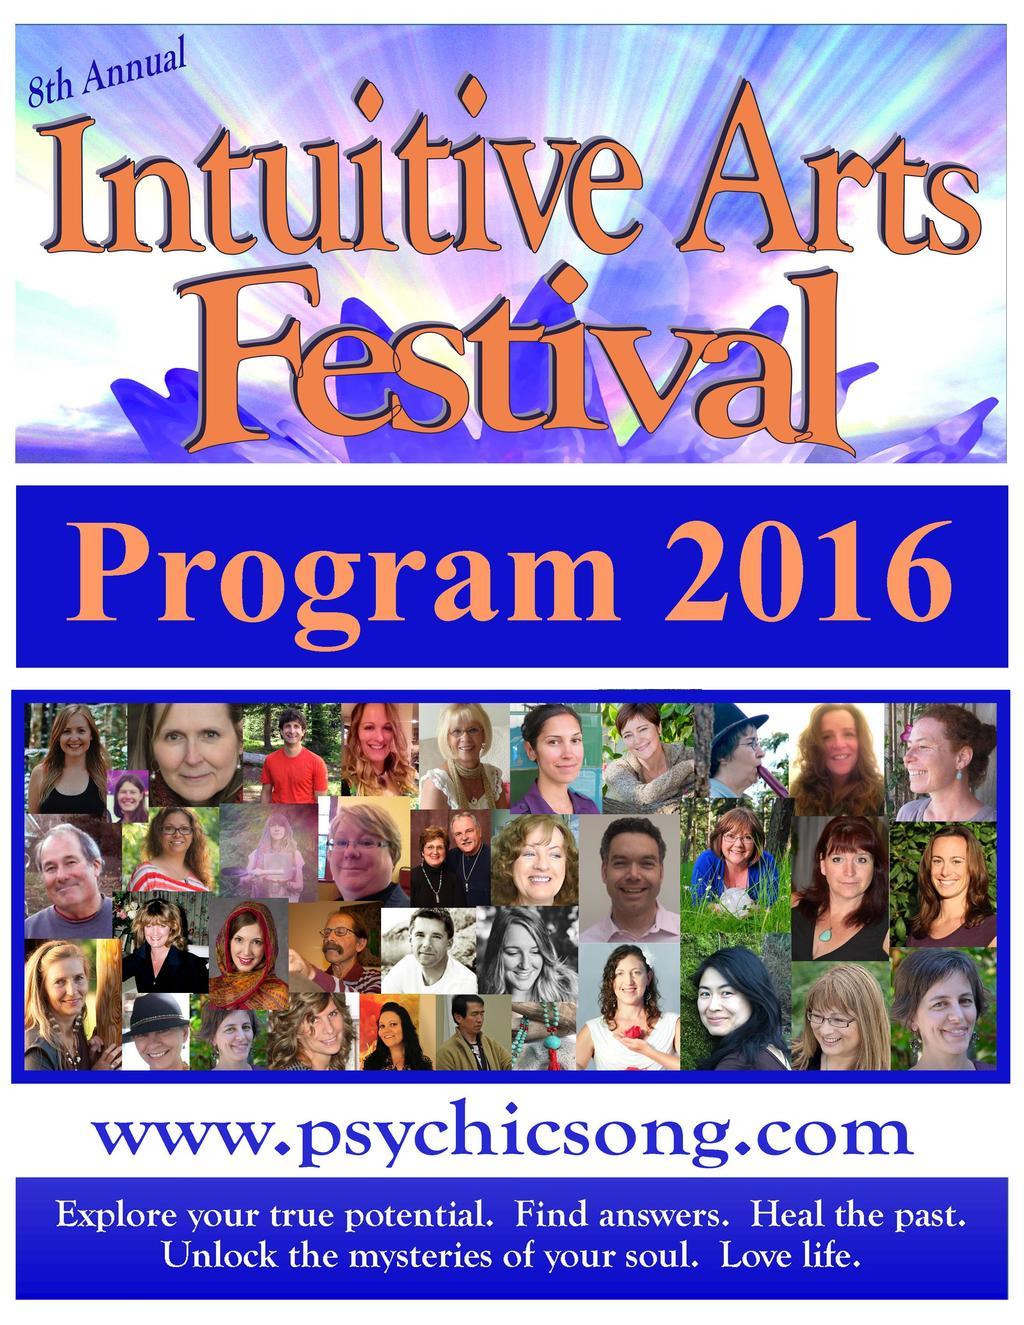 Intuitive Arts Festival 2016 in Victoria